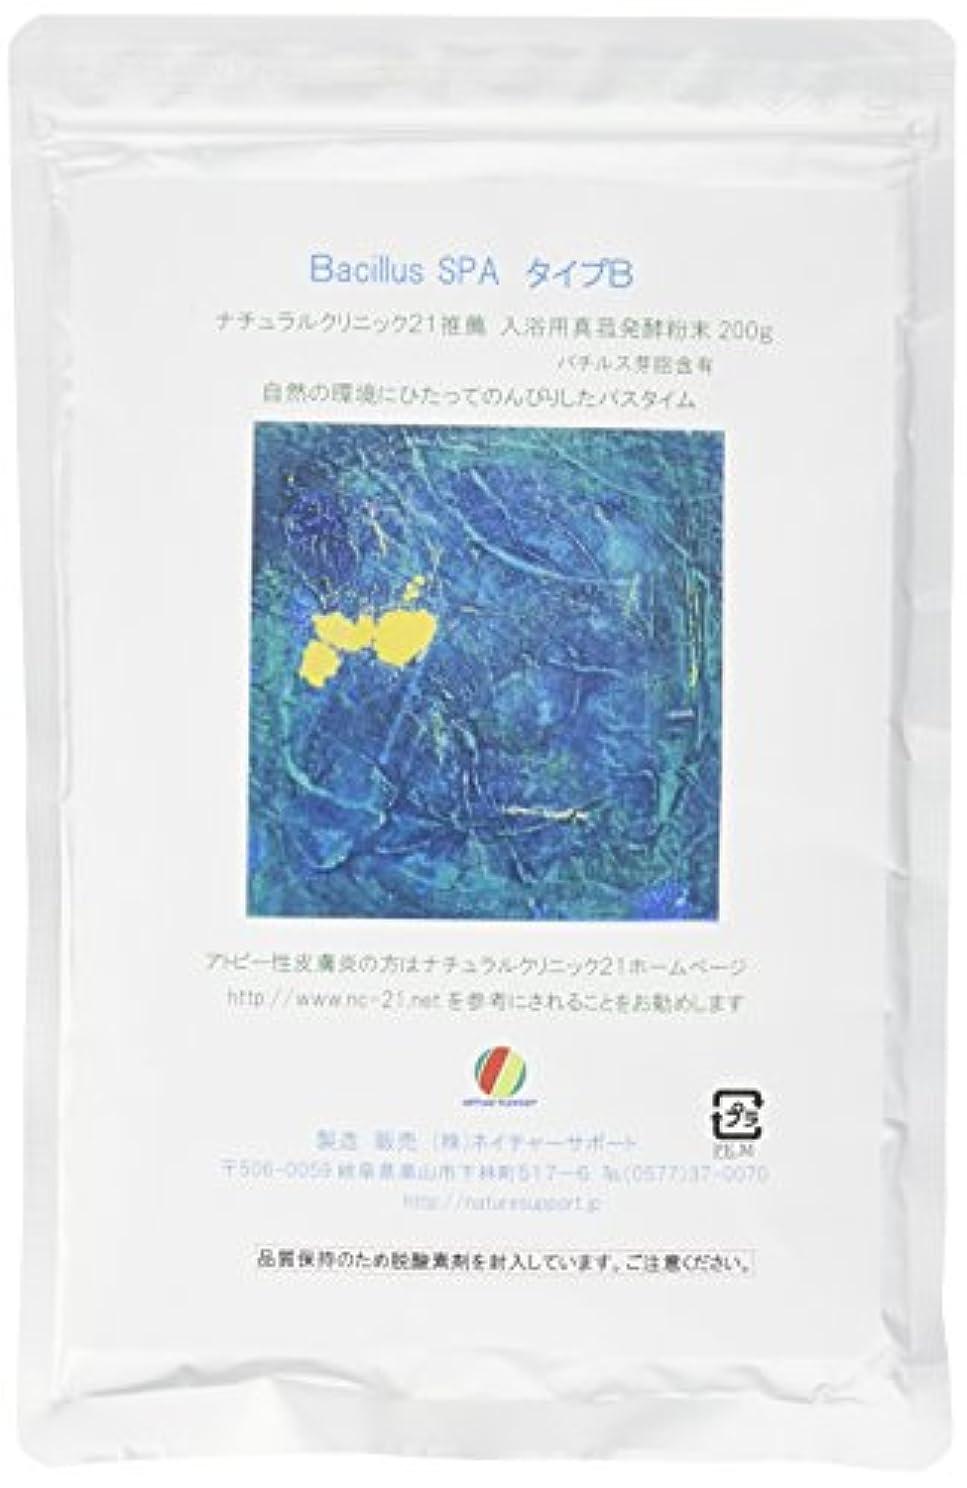 悩むプログラム代わりにを立てるBacillusSPA タイプB (入浴用バチルス発酵粉末200g)